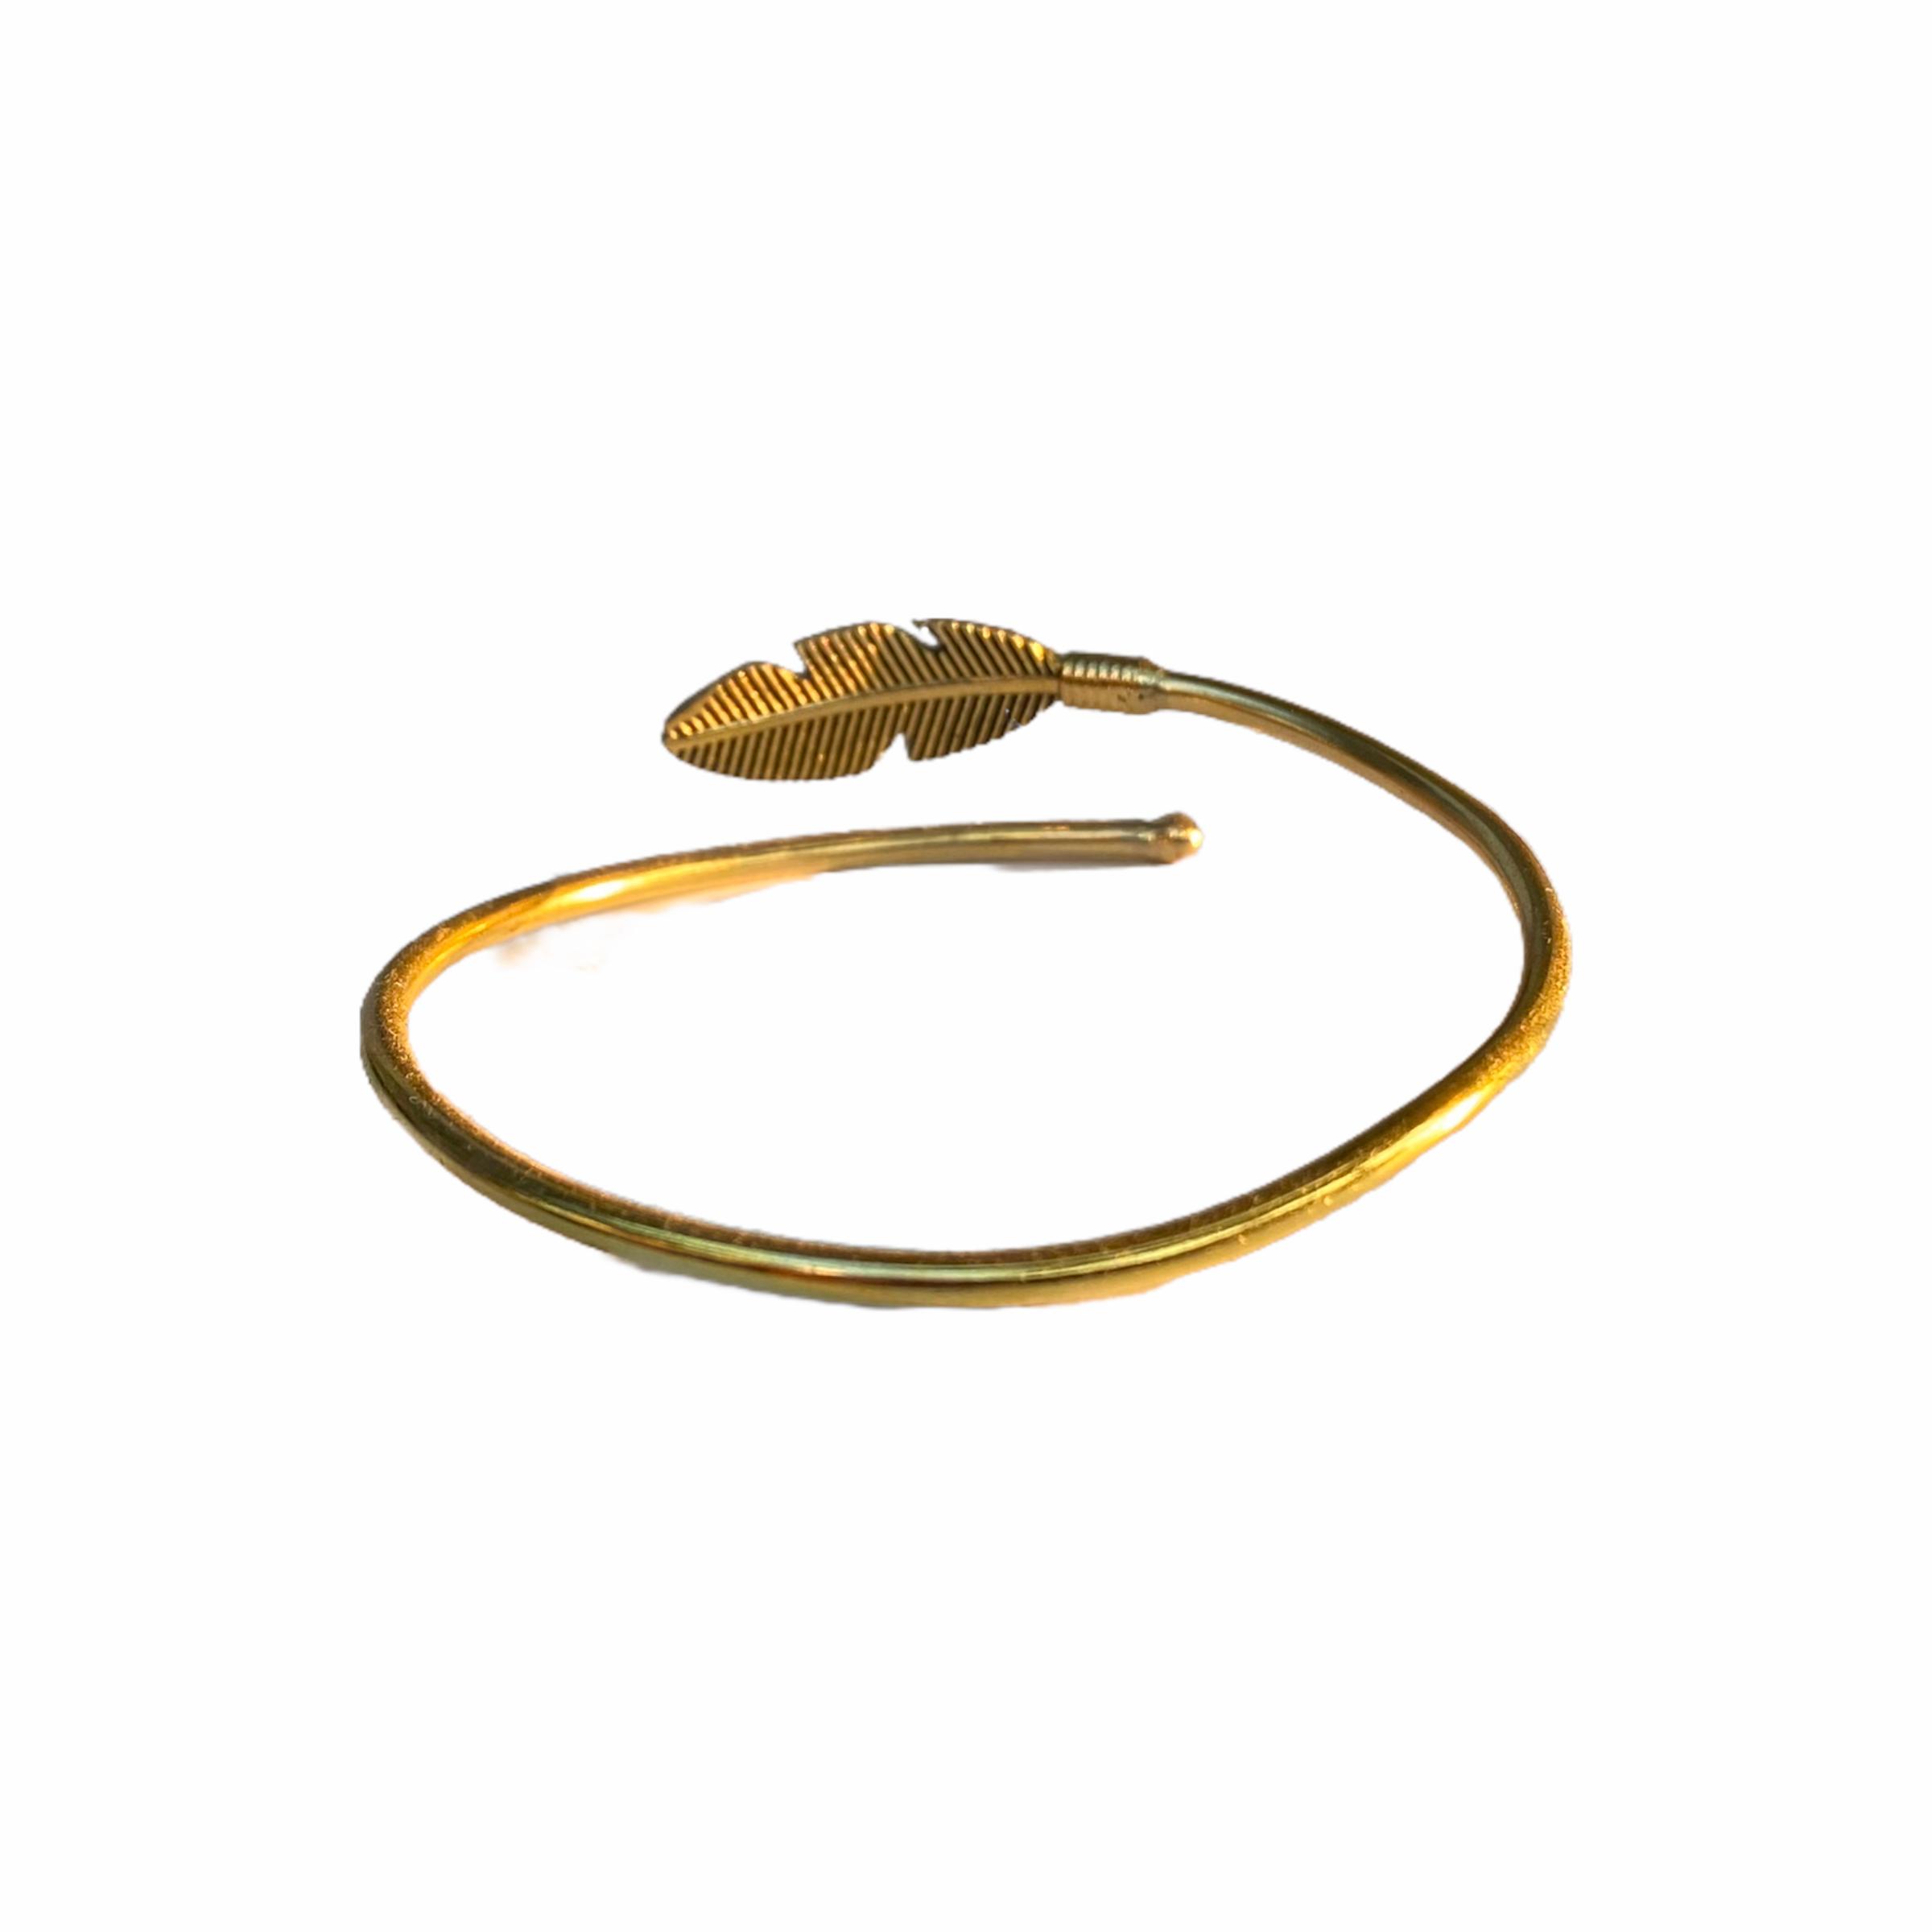 Βραχιόλι Χειροποίητο Φτερό Σε Χρυσό Χρώμα